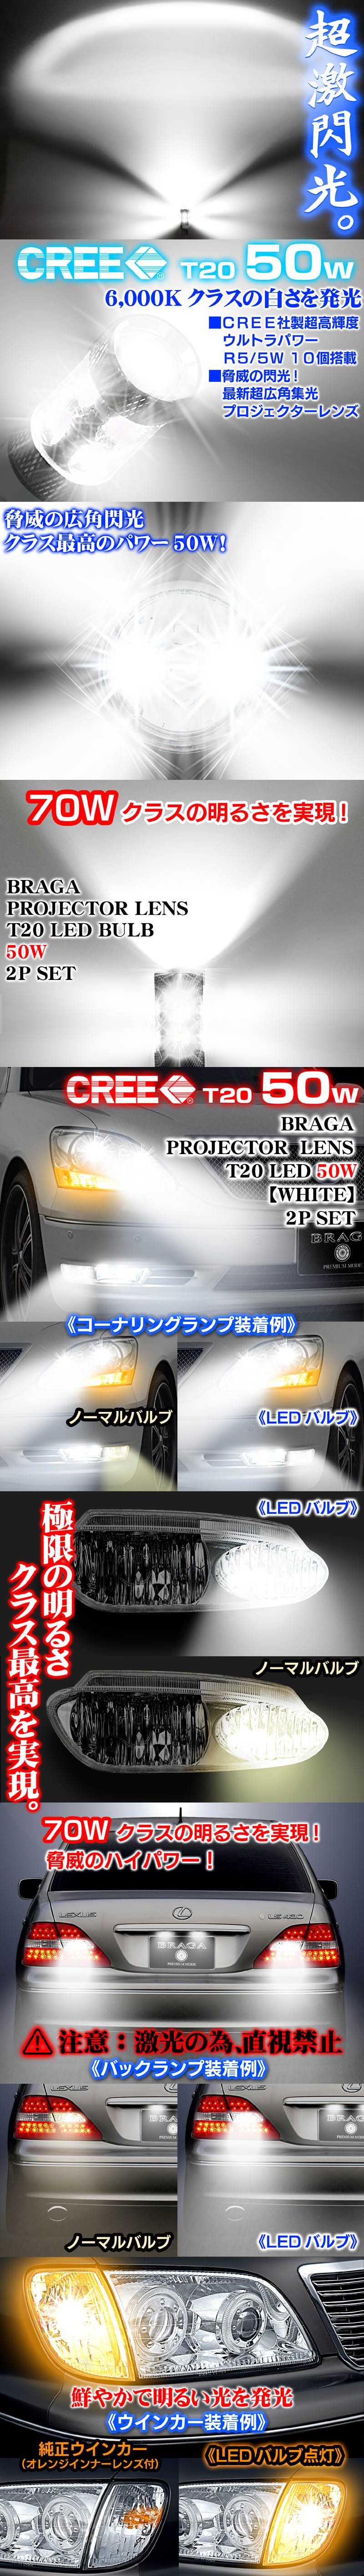 T20/50W《ホワイト/白色》CREE社製LEDプロジェクターレンズバルブ/70Wクラスの光を実現!《2個セット》1年保証/ブラガ